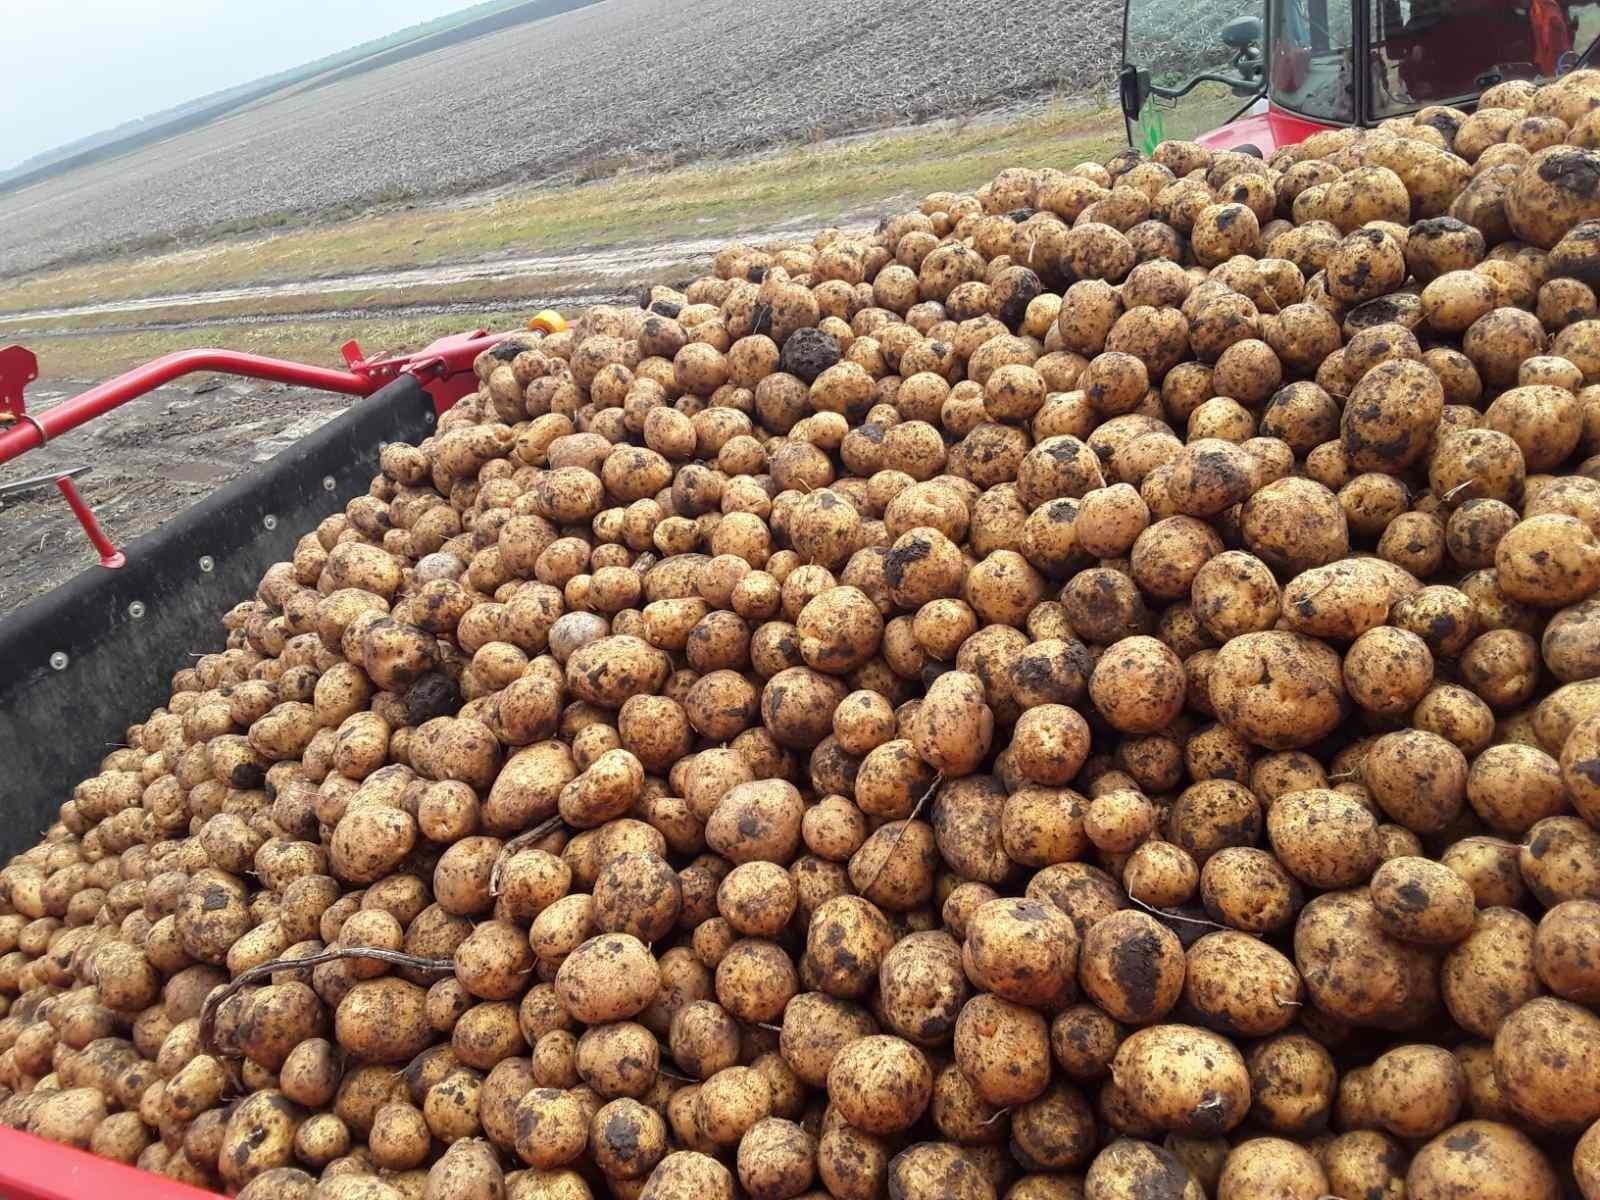 Картофель в бункере комбайна в 2020 г. (физическое загрязнение и травмирование клубней минимальные) в агрохолдинге «Континентал Фармерз Групп»